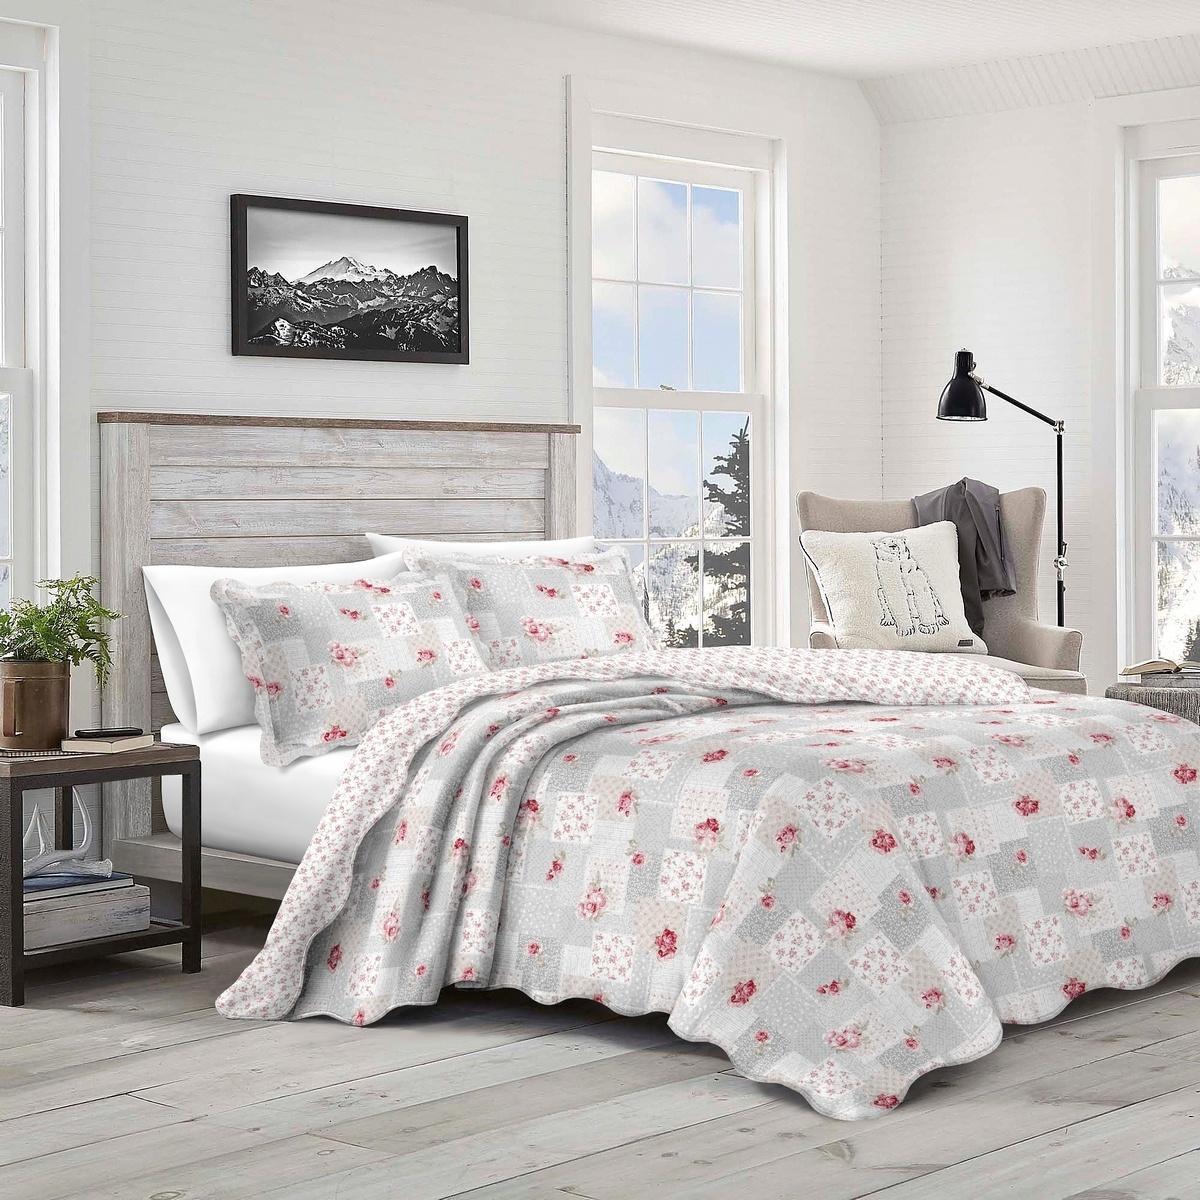 Prehoz na posteľ Patchwork Idea, 140 x 200 cm, 1ks 50 x 70 cm, 140 x 200 cm